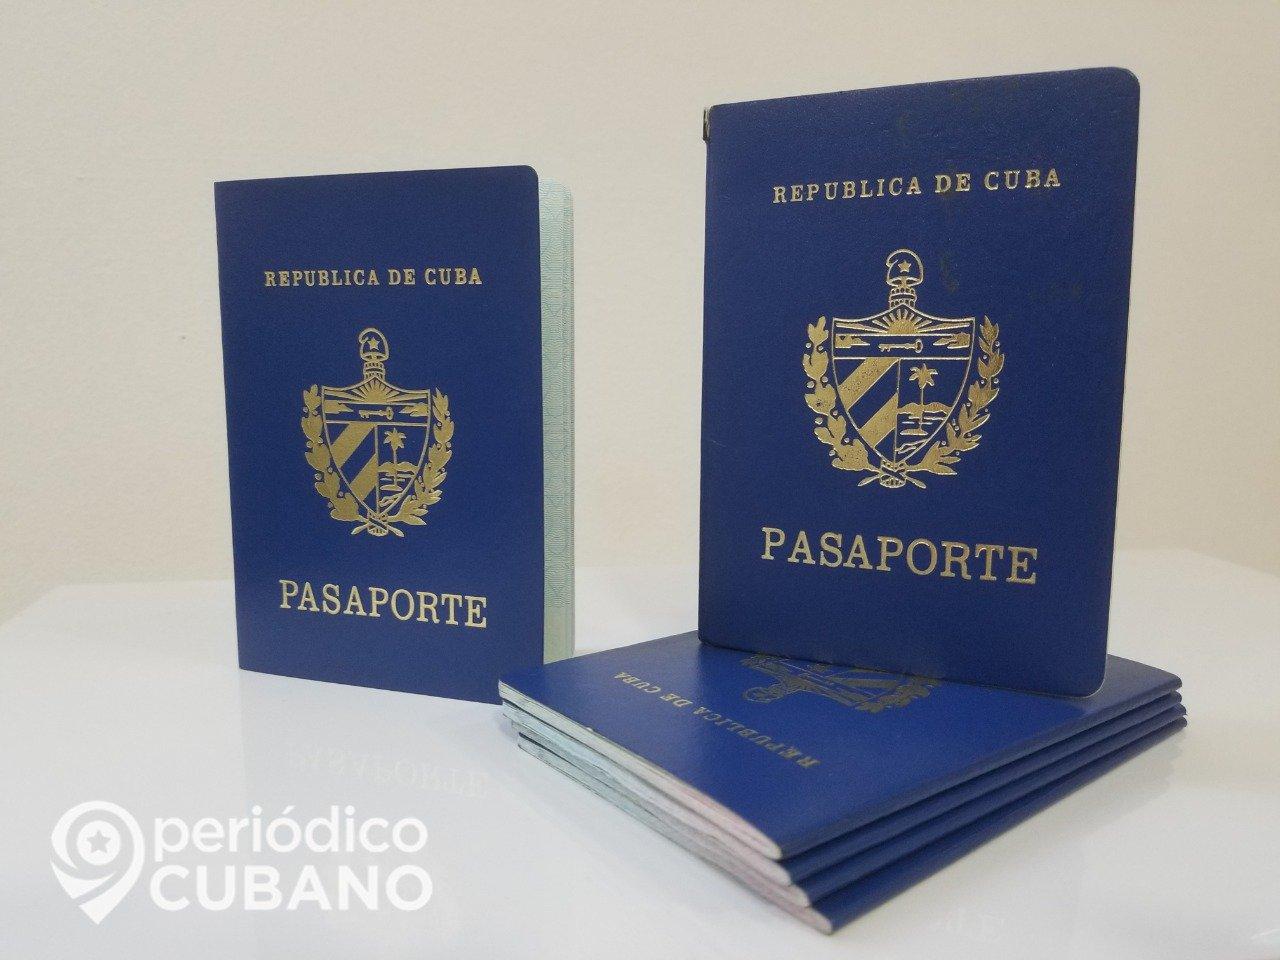 ¿Cuáles son los mejores pasaportes del mundo? Vea la lista actualizada del 2020